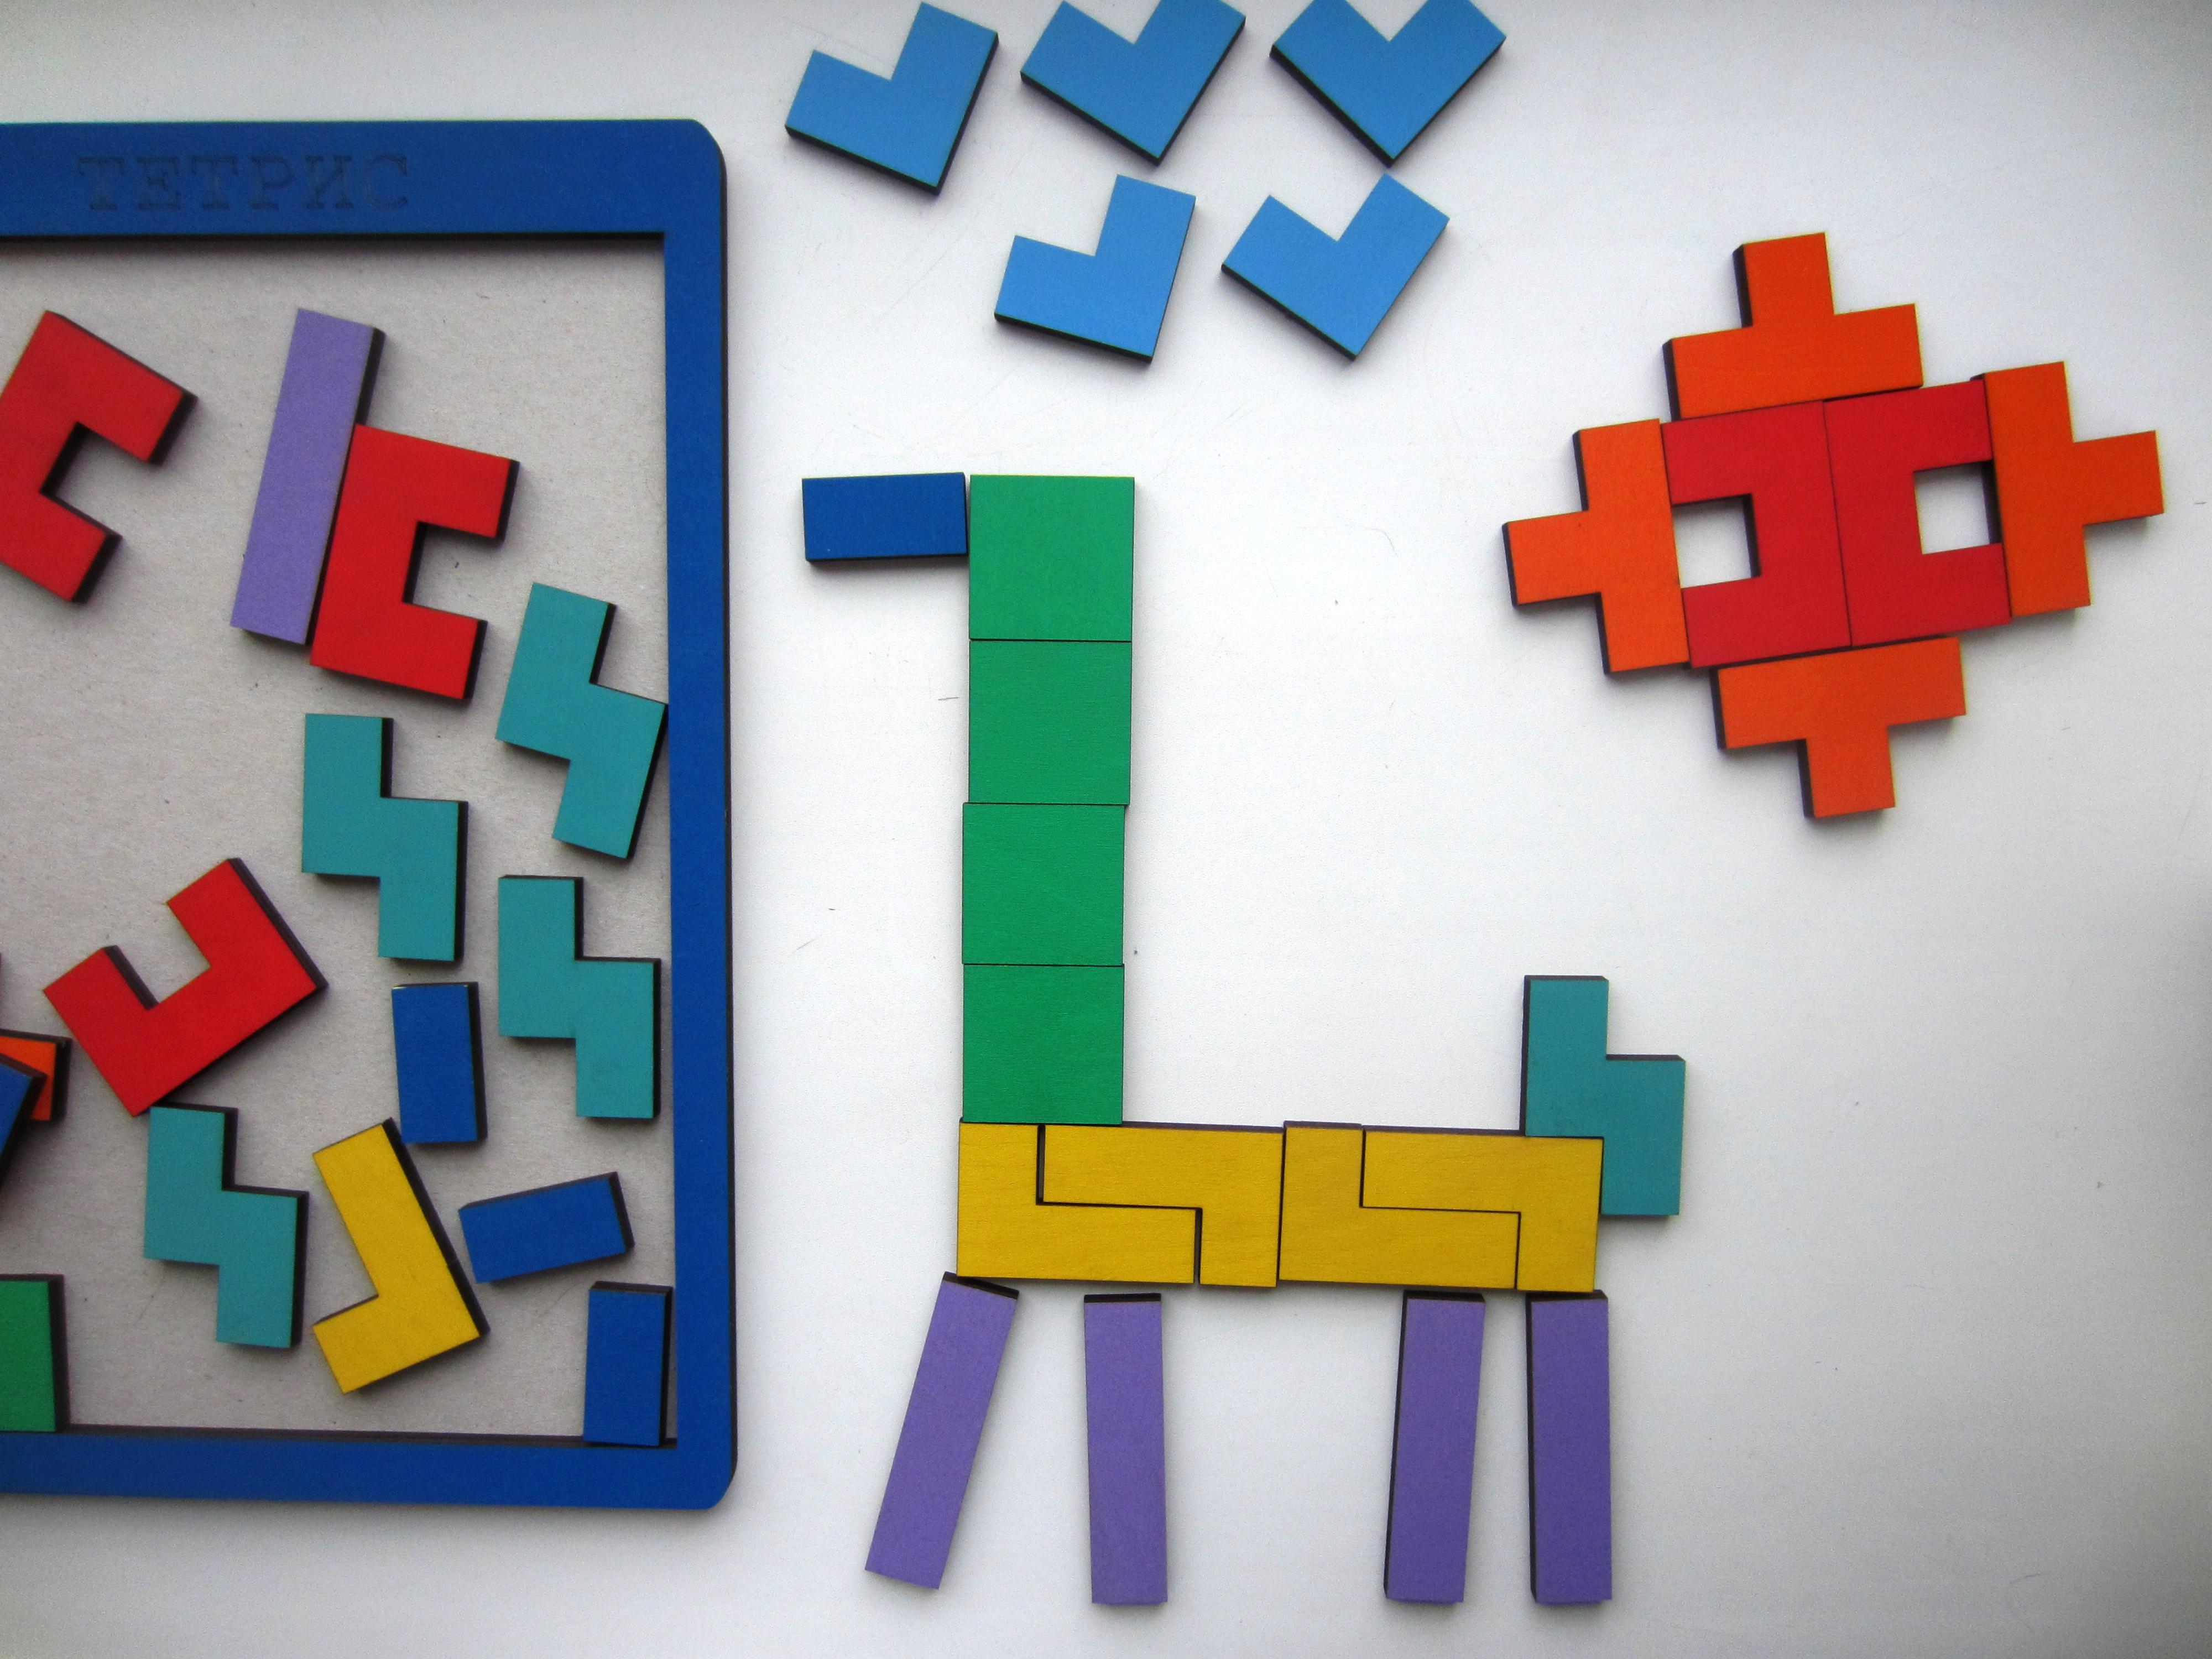 этом картинки для головоломка конструктор чего необходимо